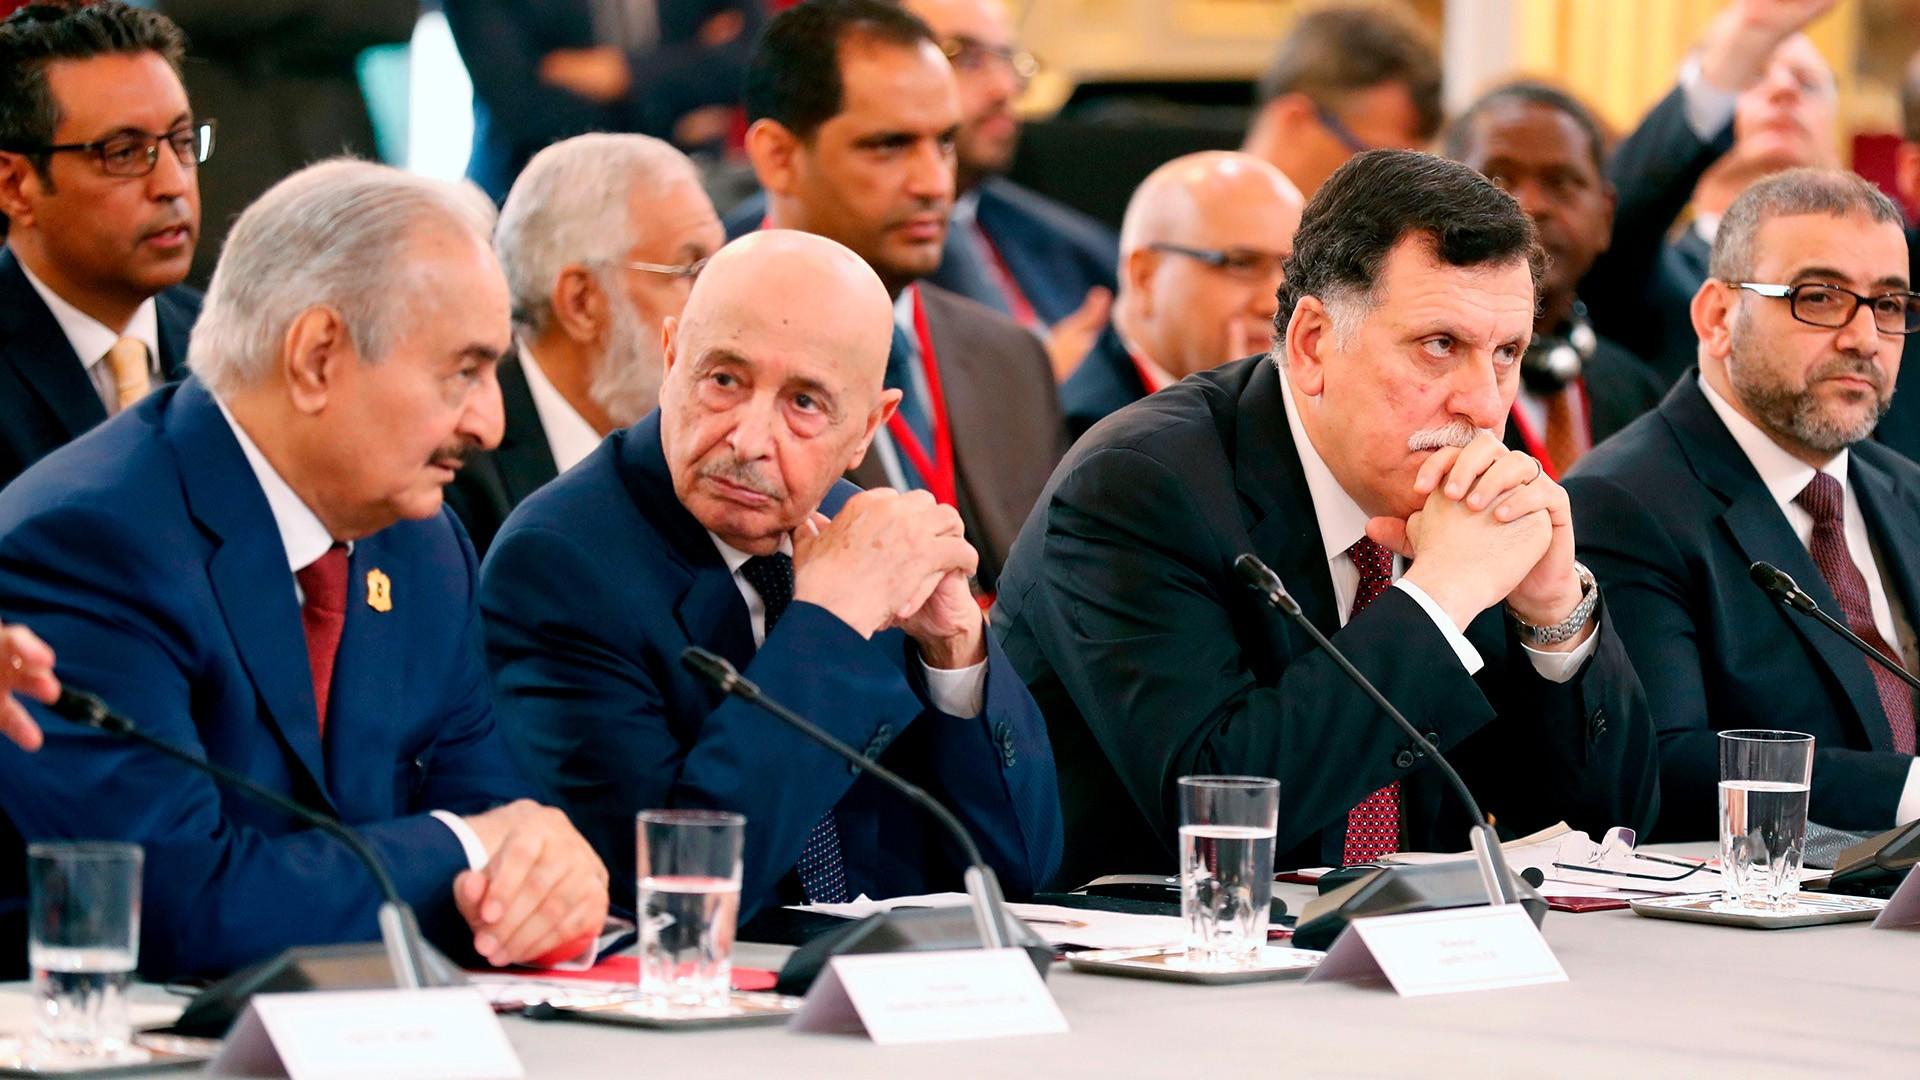 كيف يمكن للقوى السياسية الليبية توحيد صفوفها؟